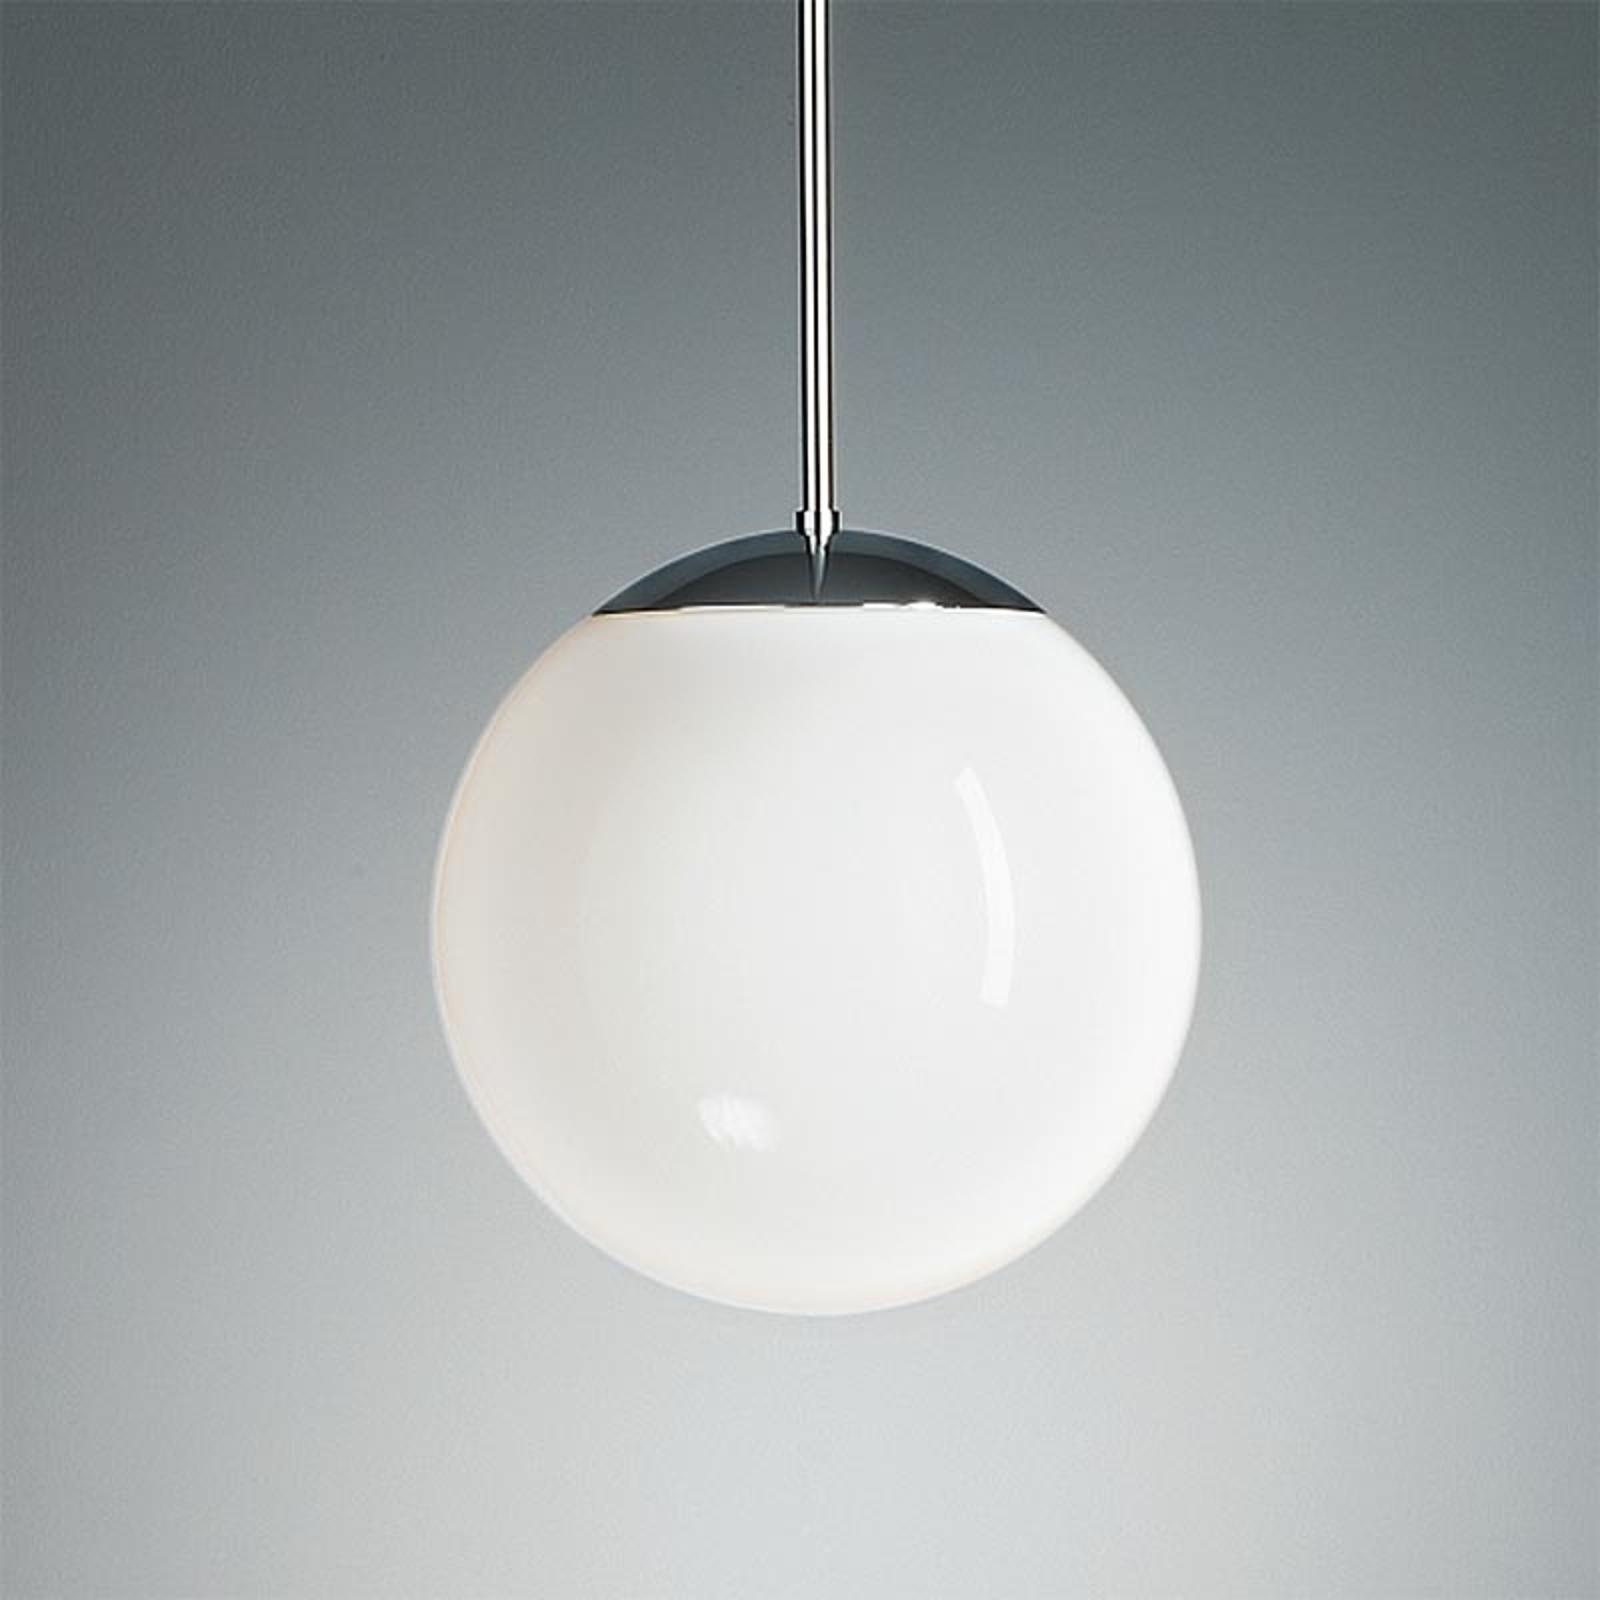 Lampa wisząca z opalową kulą 20 cm chrom